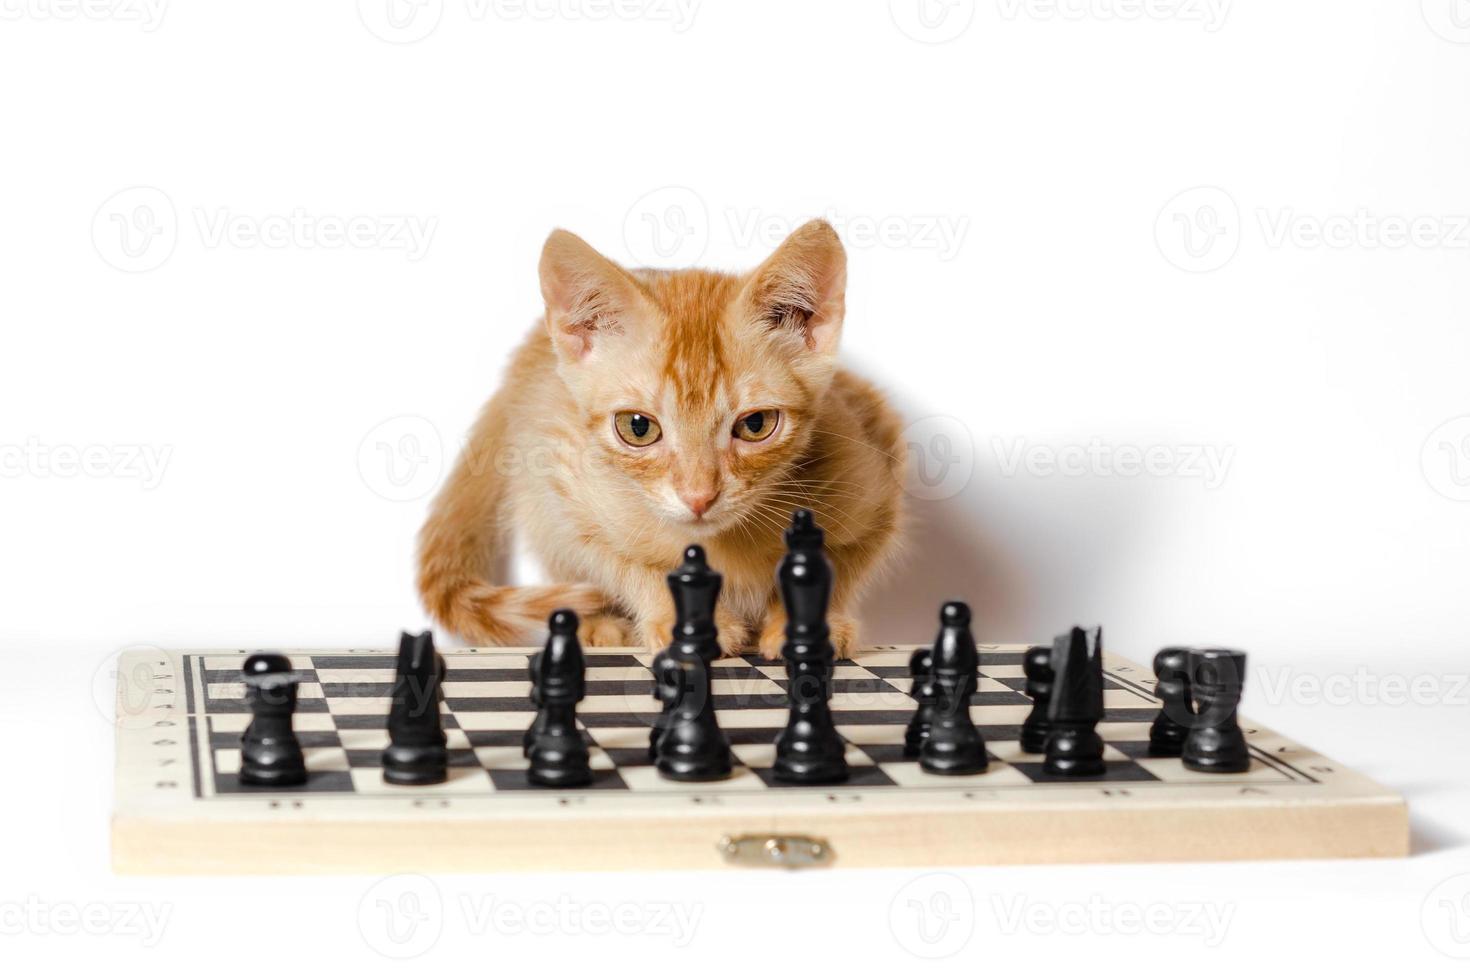 gato naranja con un tablero de ajedrez foto